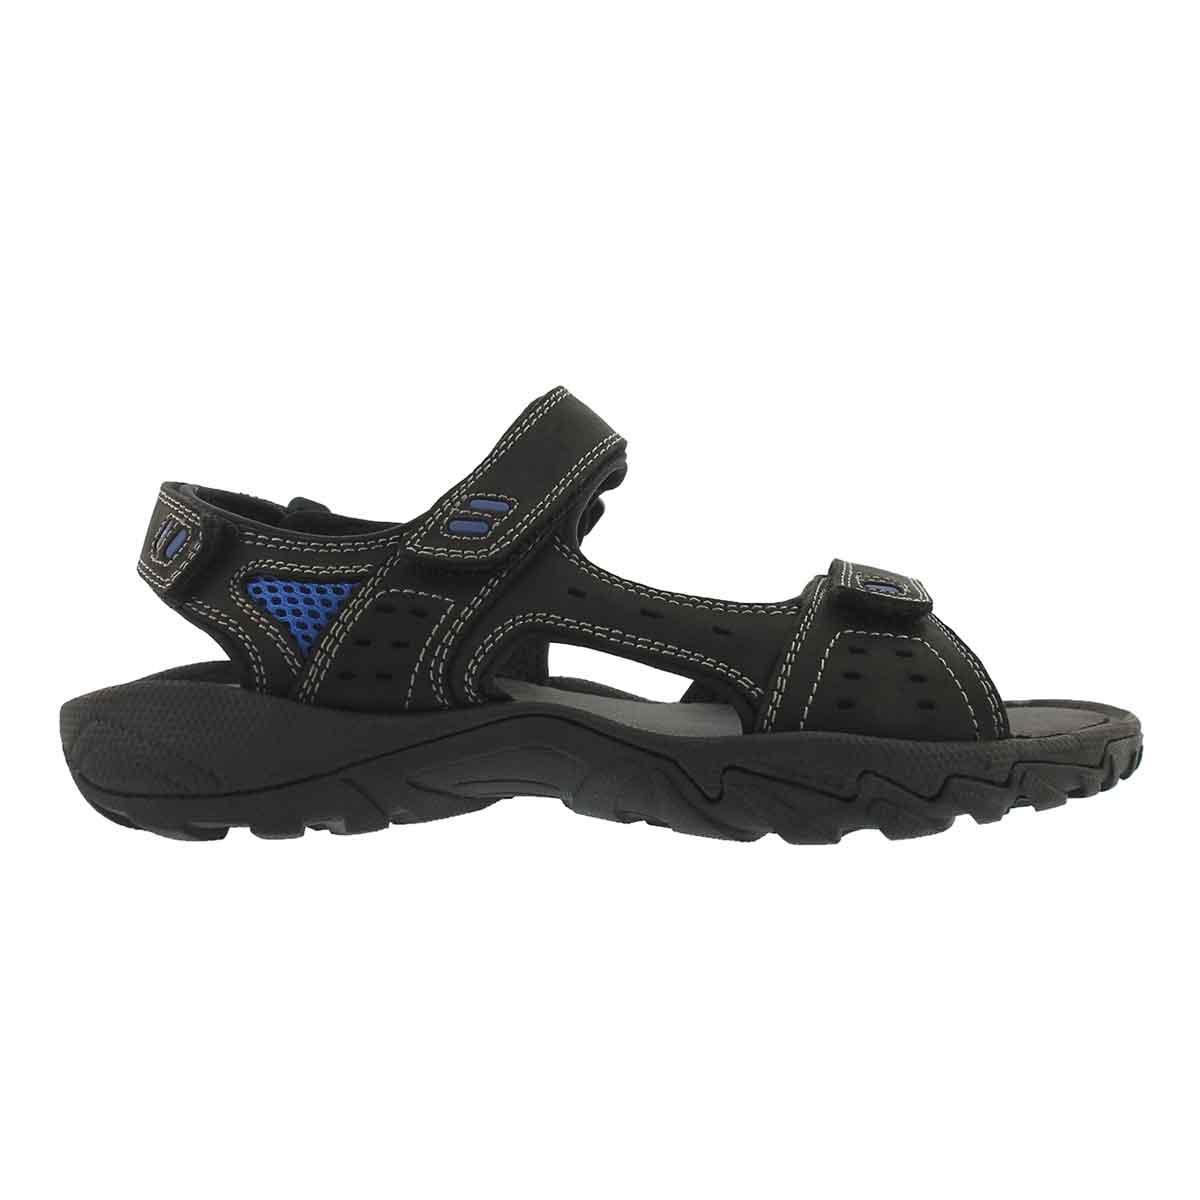 Mns Lucius 3 blk 3 strap sport sandal